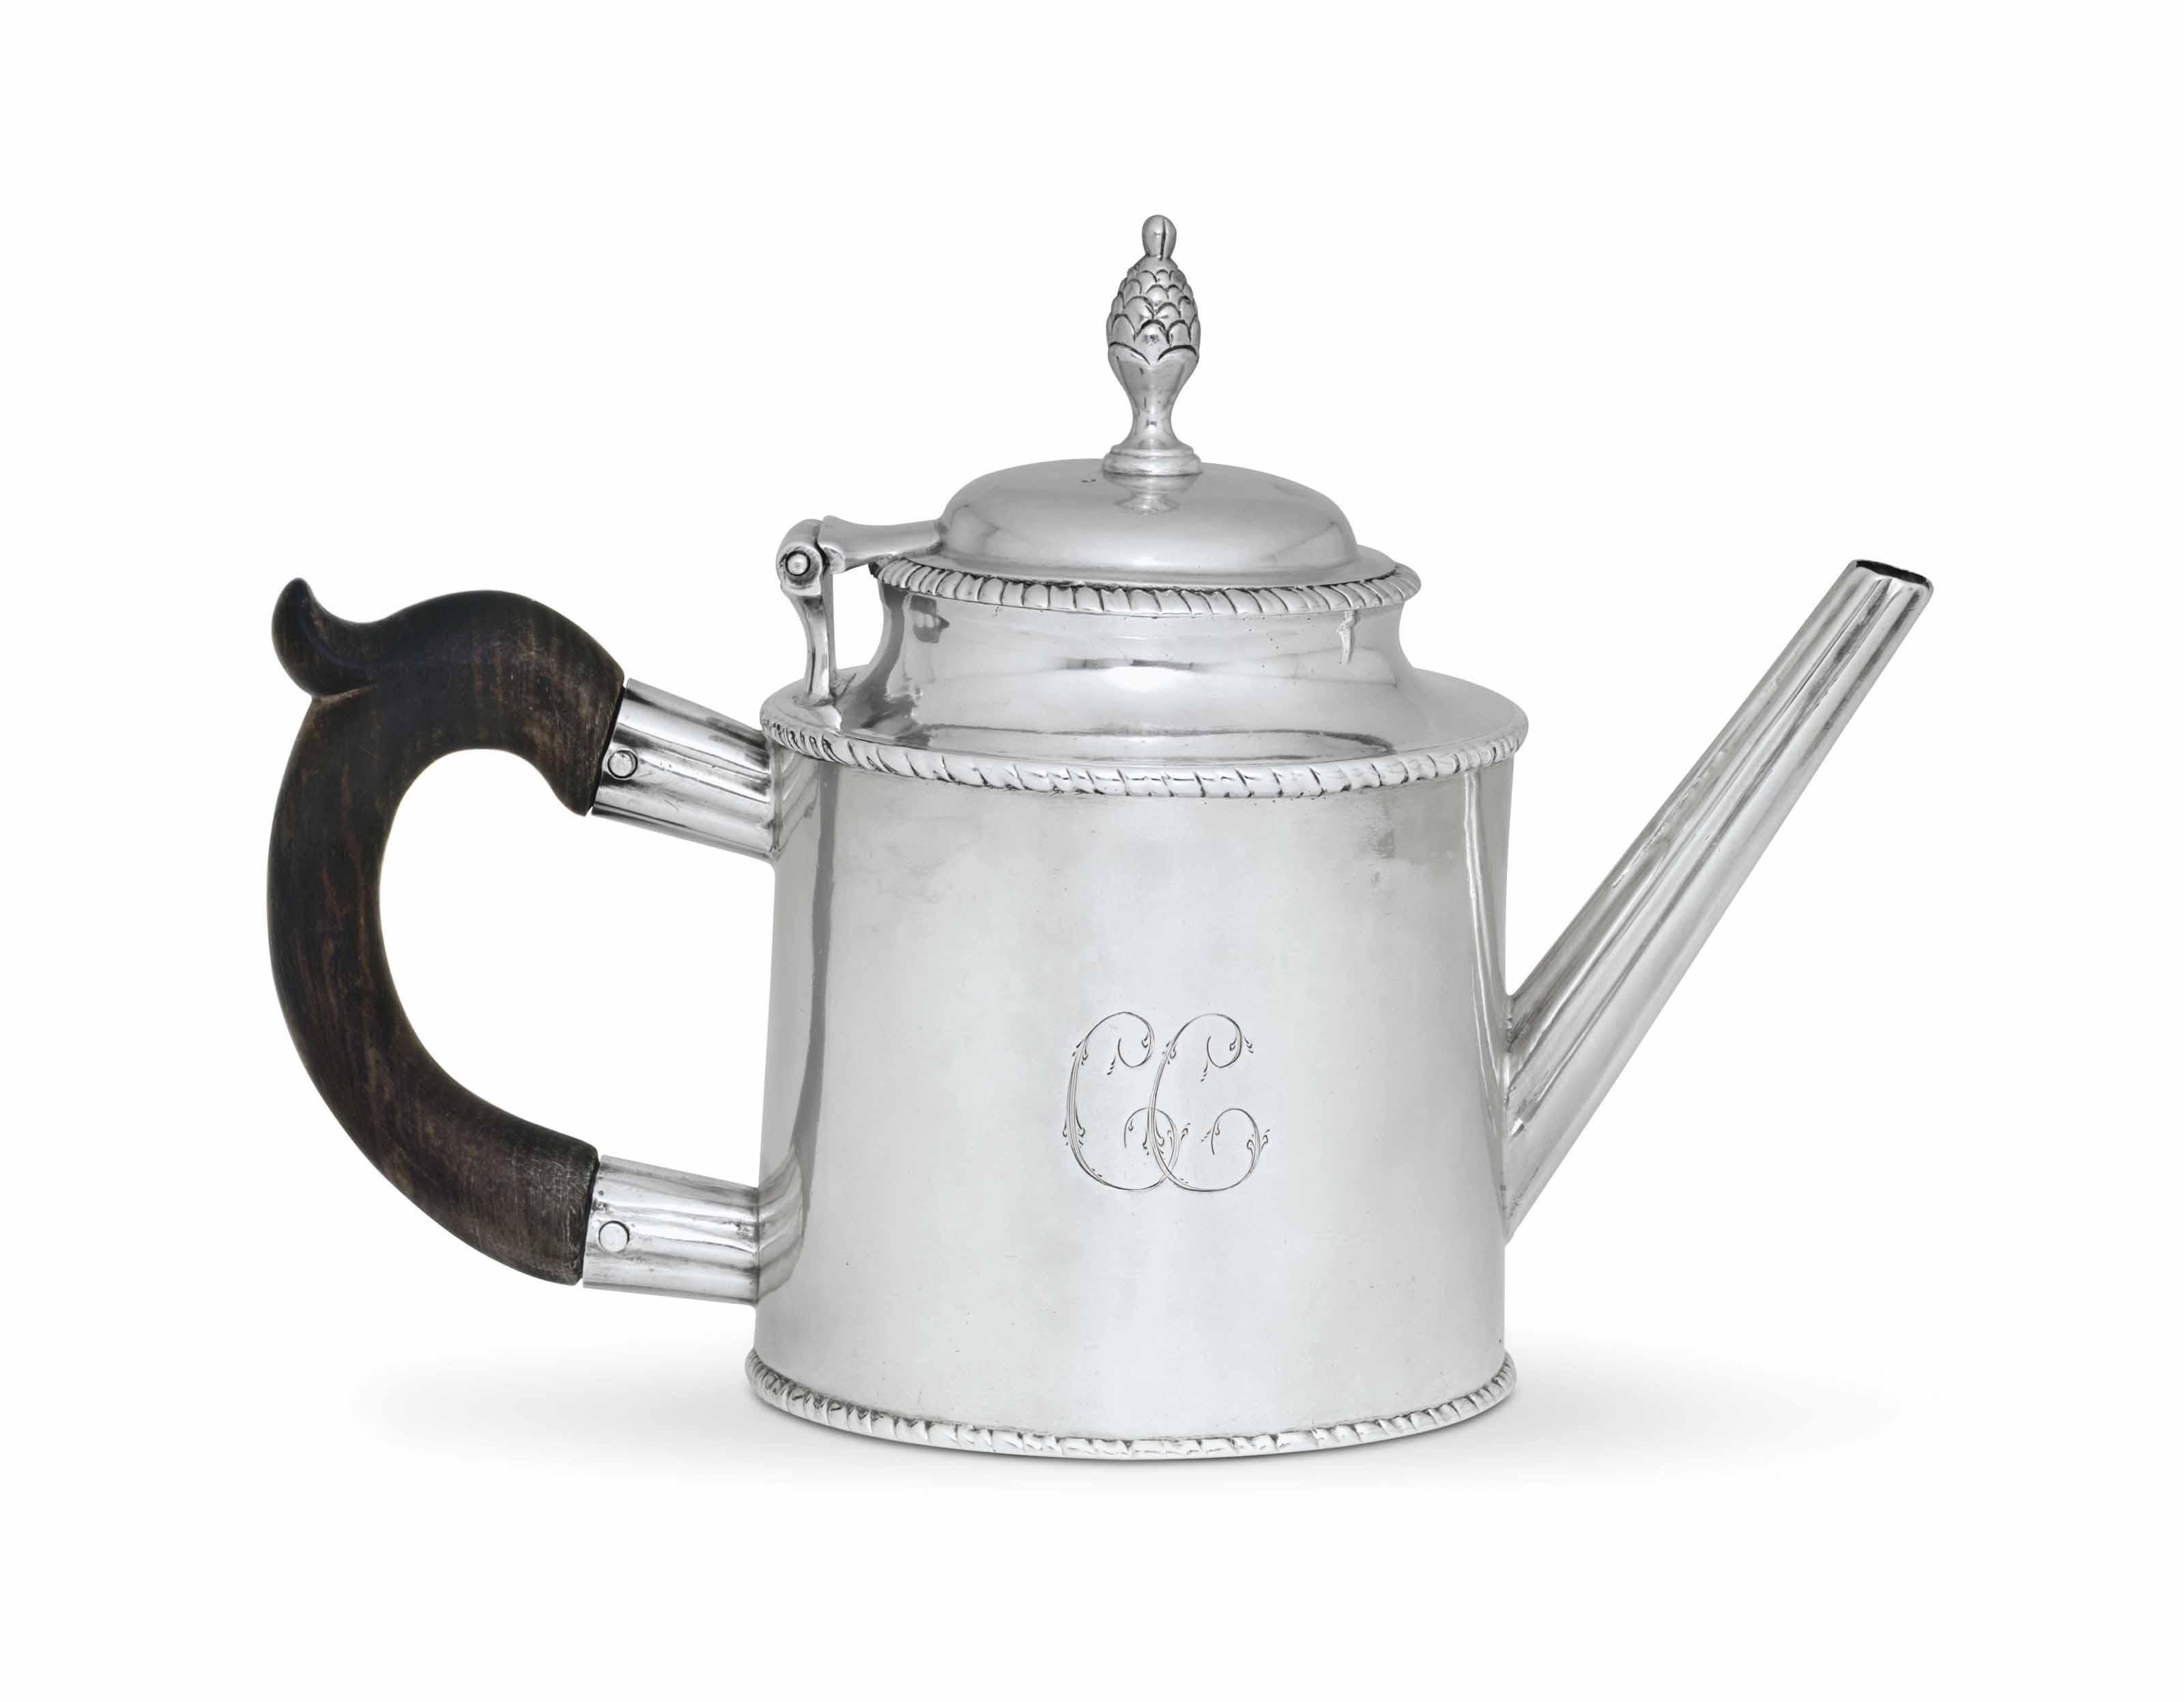 A RARE SILVER TEA POT